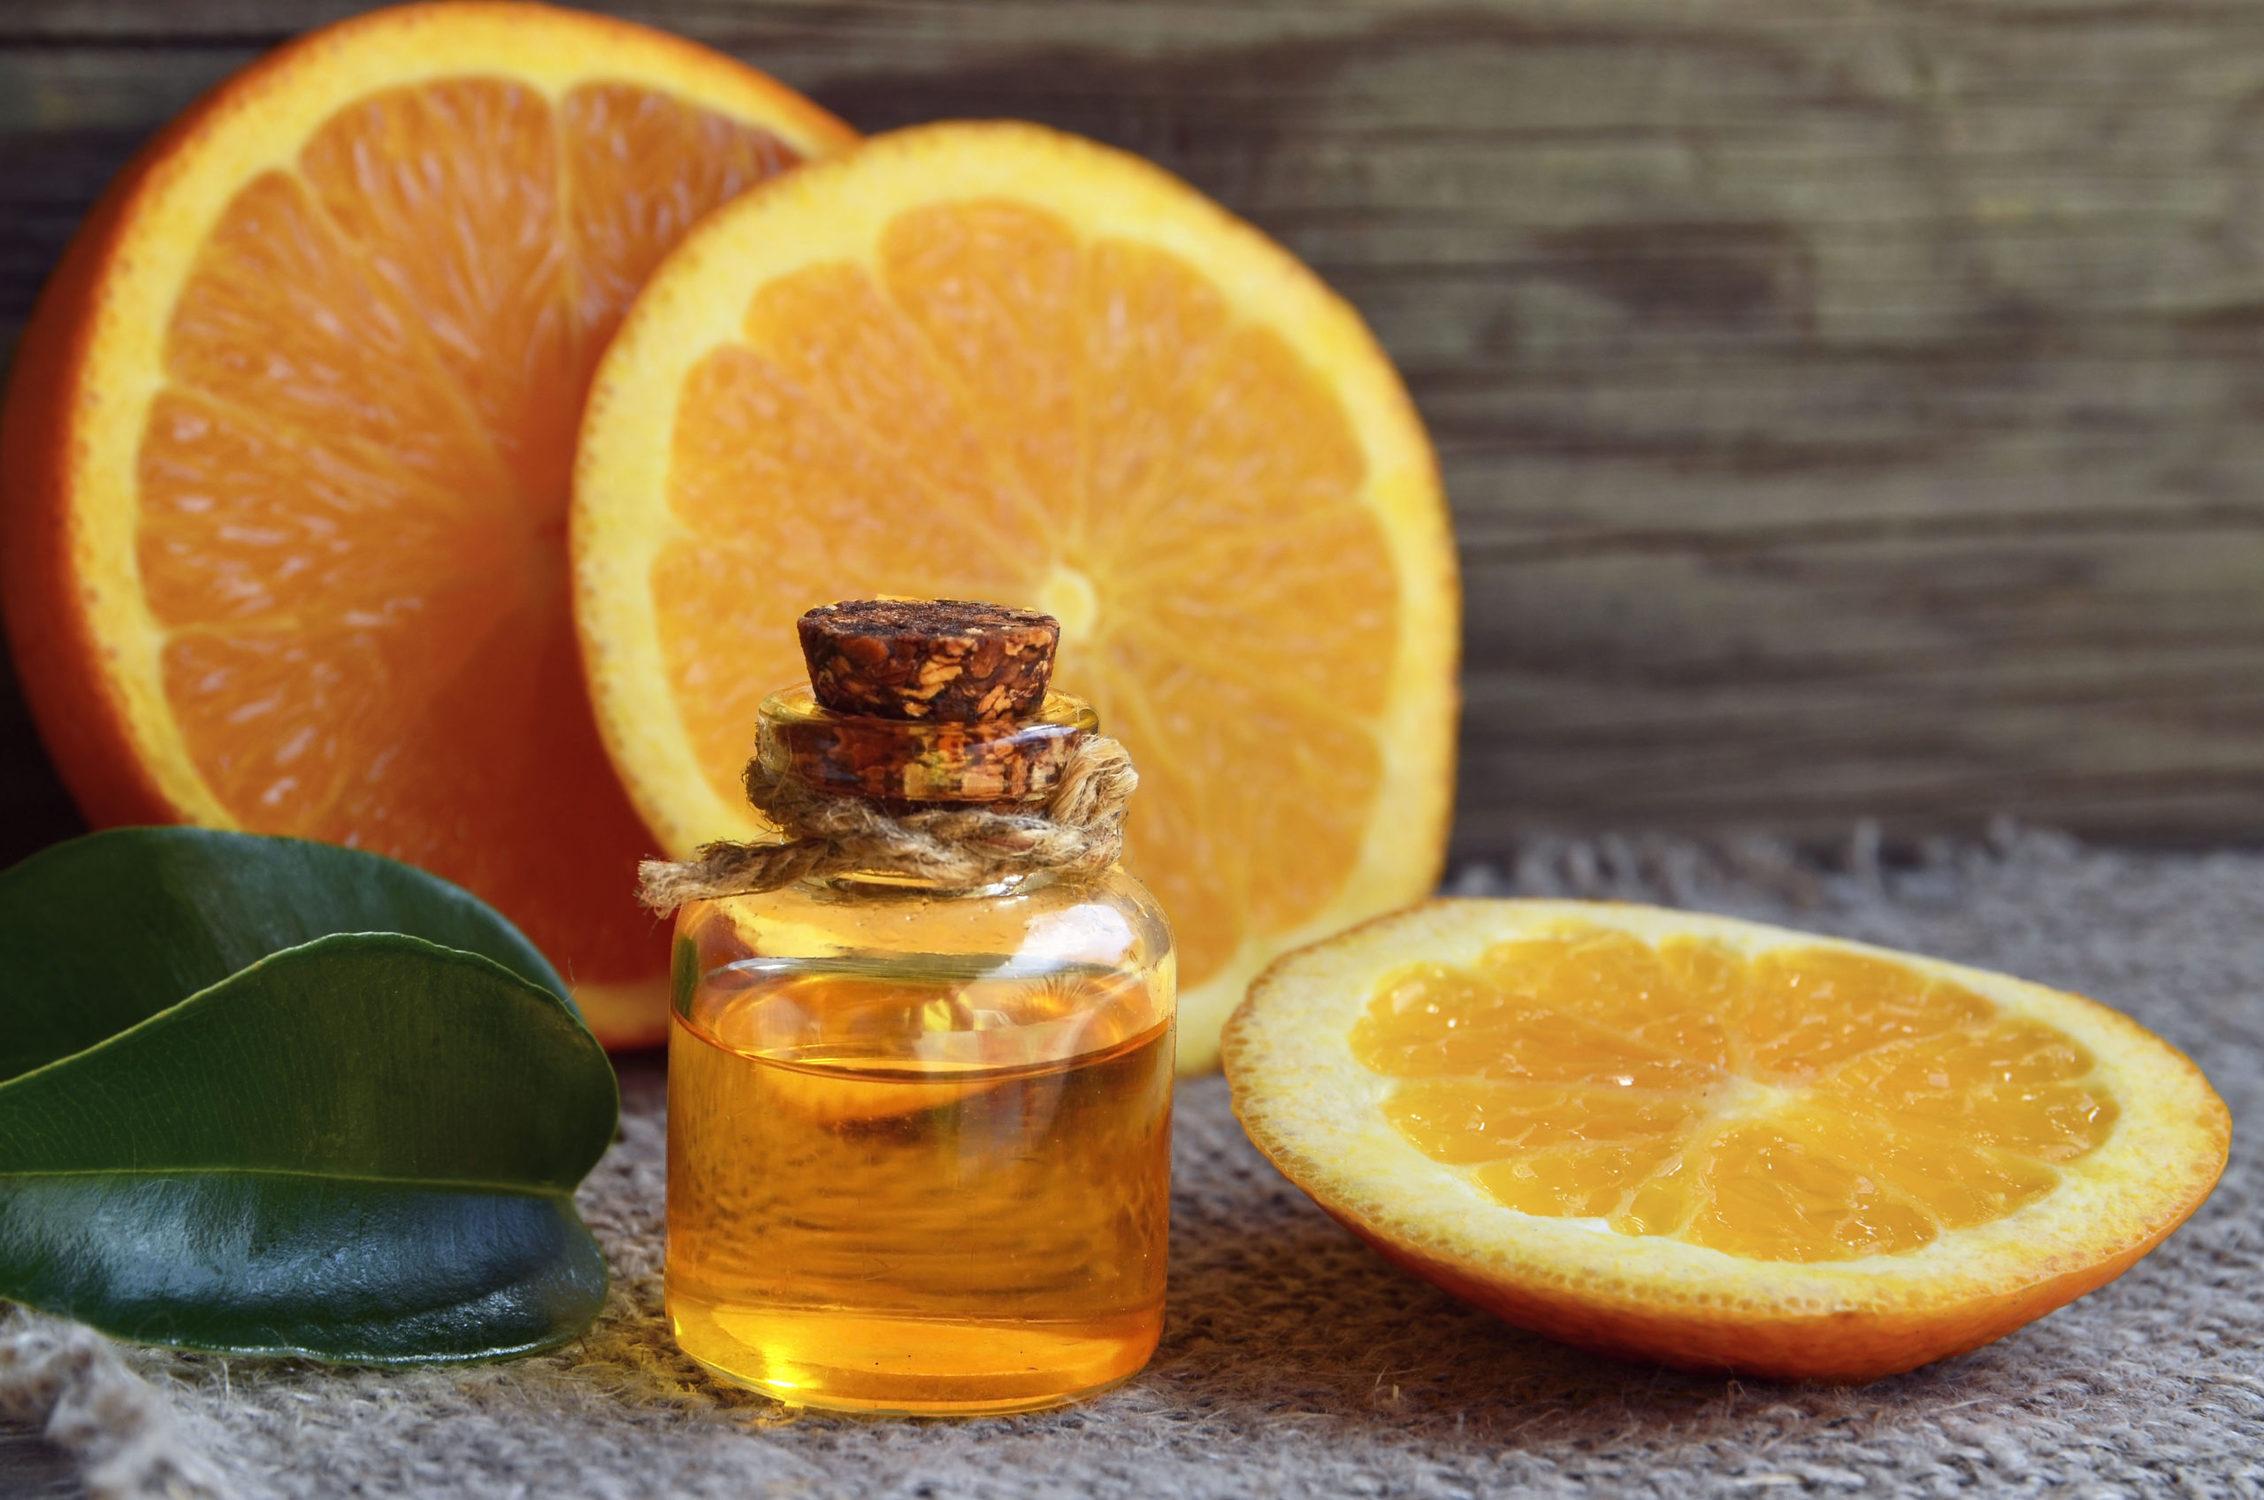 Ätherisches Orangen-Öl, Aromatherapie, Heilbehandlung Auratechnik & Aurachirurgie, Kristalliner Körper, Martin Kiesenhofer Mondsee/Salzburg bewusst.gesund.sein